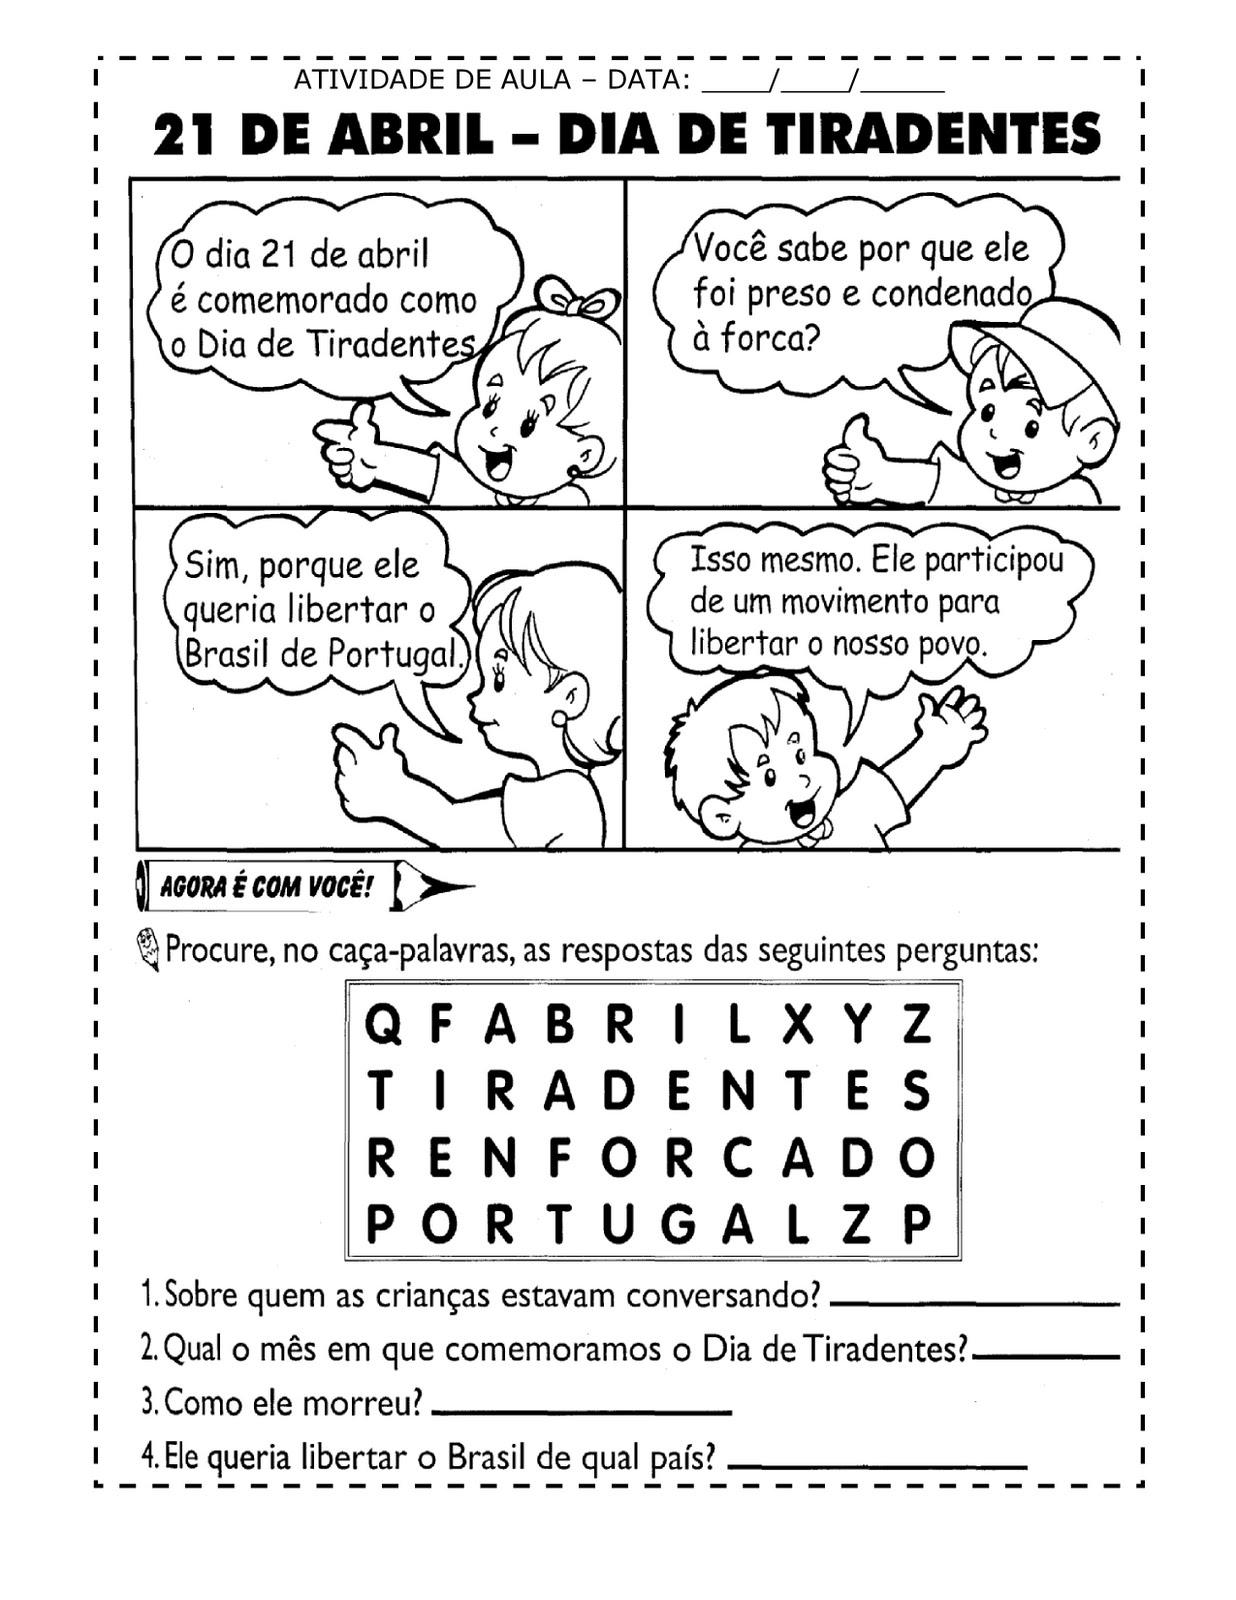 Calendario 2020 Portugal Com Feriados.21 De Abril Tiradentes Calendario Online Lioreversui Ga